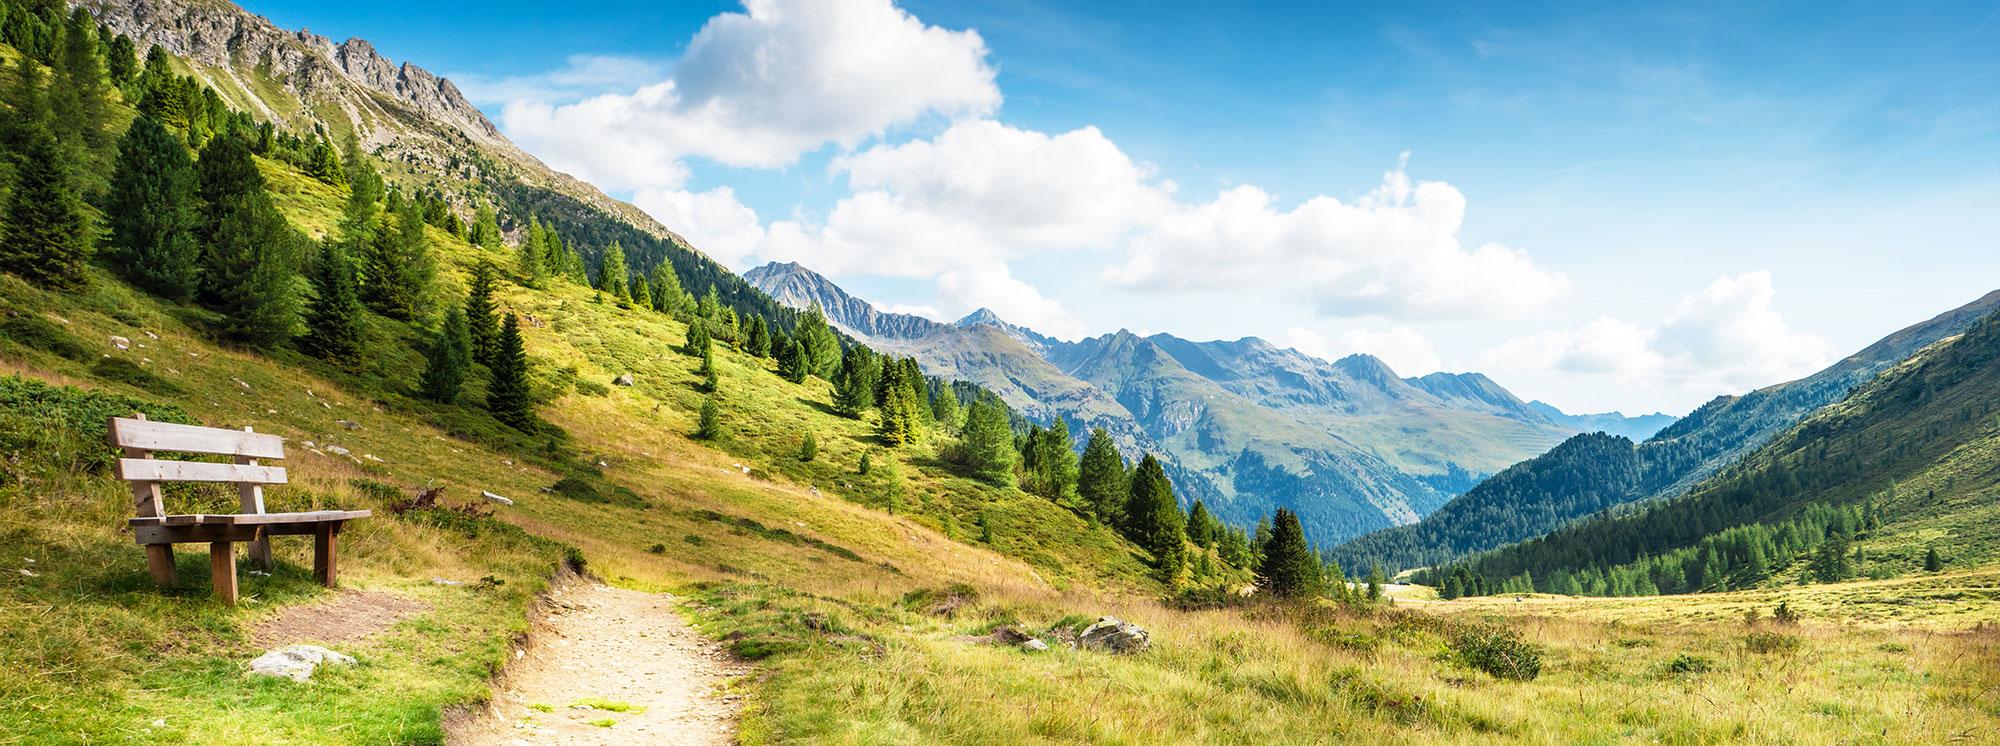 La beauté du paysage de l'Alpe d'Huez l'été